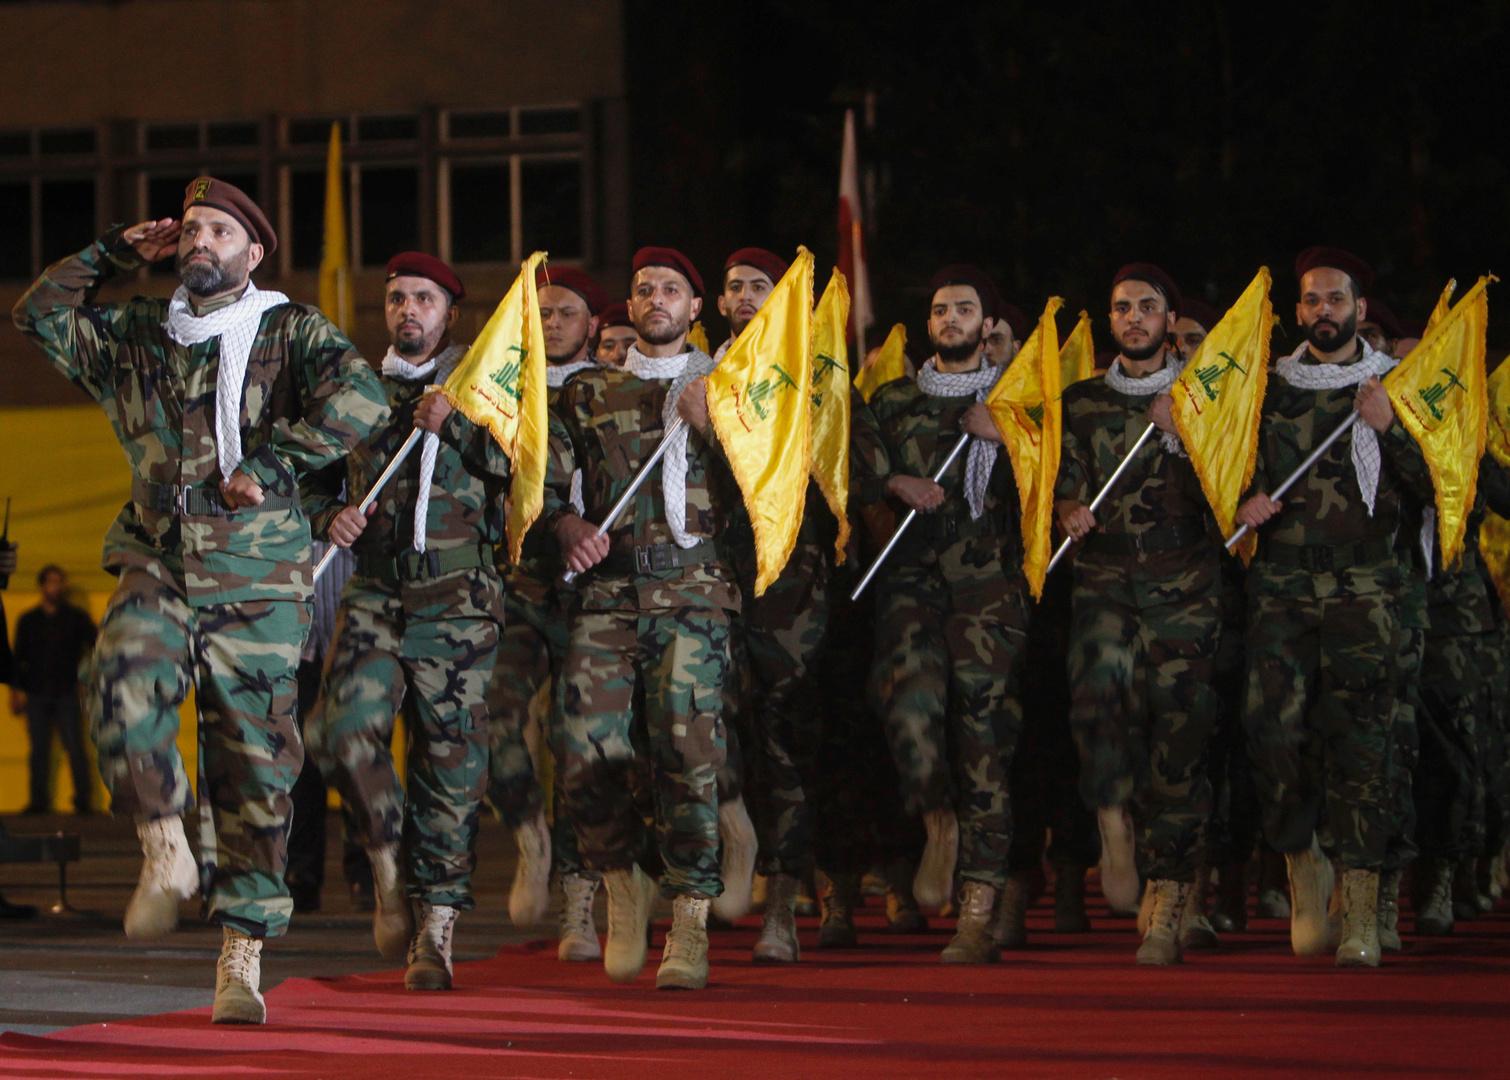 وسائل إعلام: حزب الله بحالة استنفار هي الأولى من نوعها منذ حرب 2006 تزامنا مع مناورة إسرائيلية ضخمة